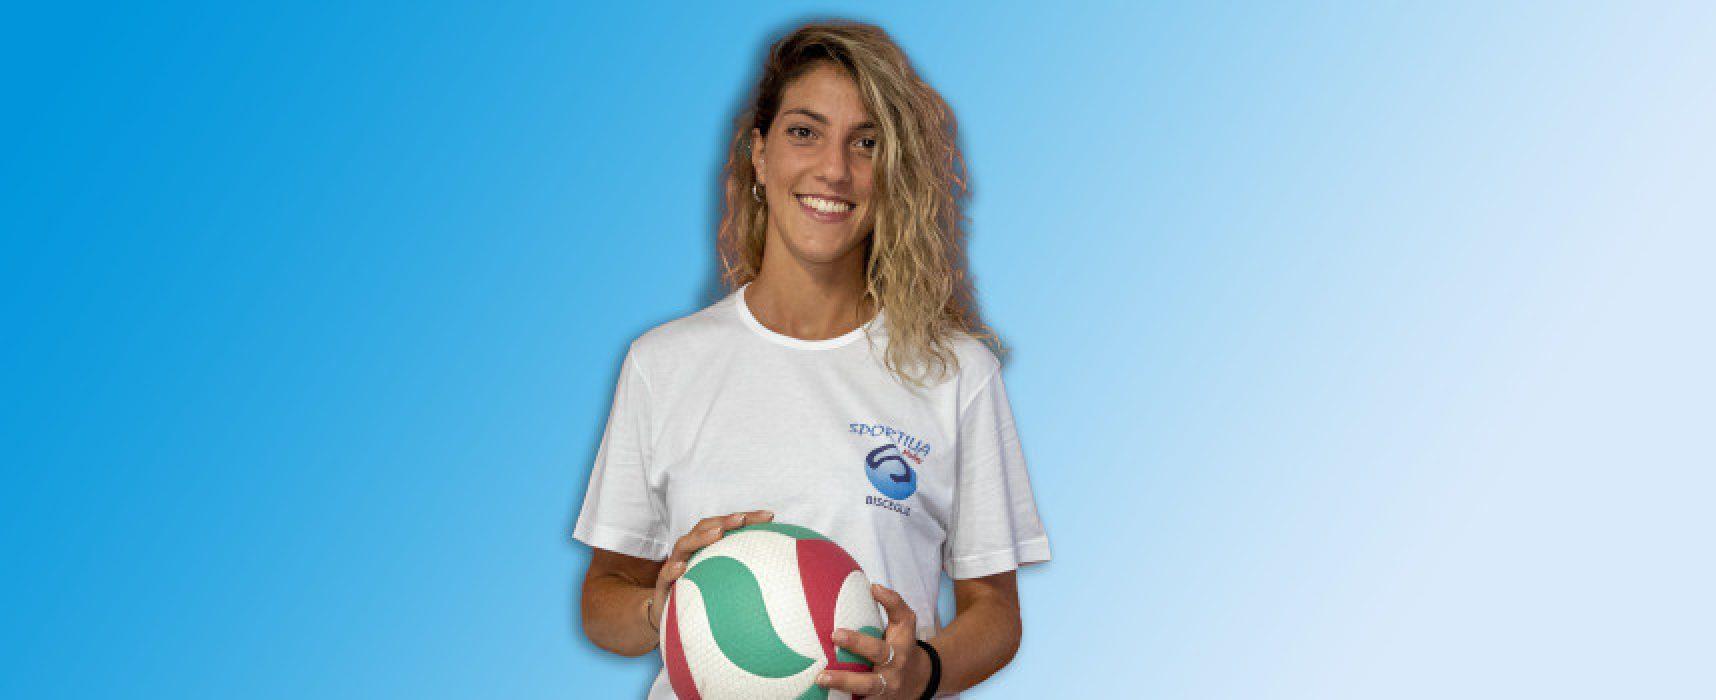 Sportilia Volley, Francesca Telesca è il nuovo innesto al centro